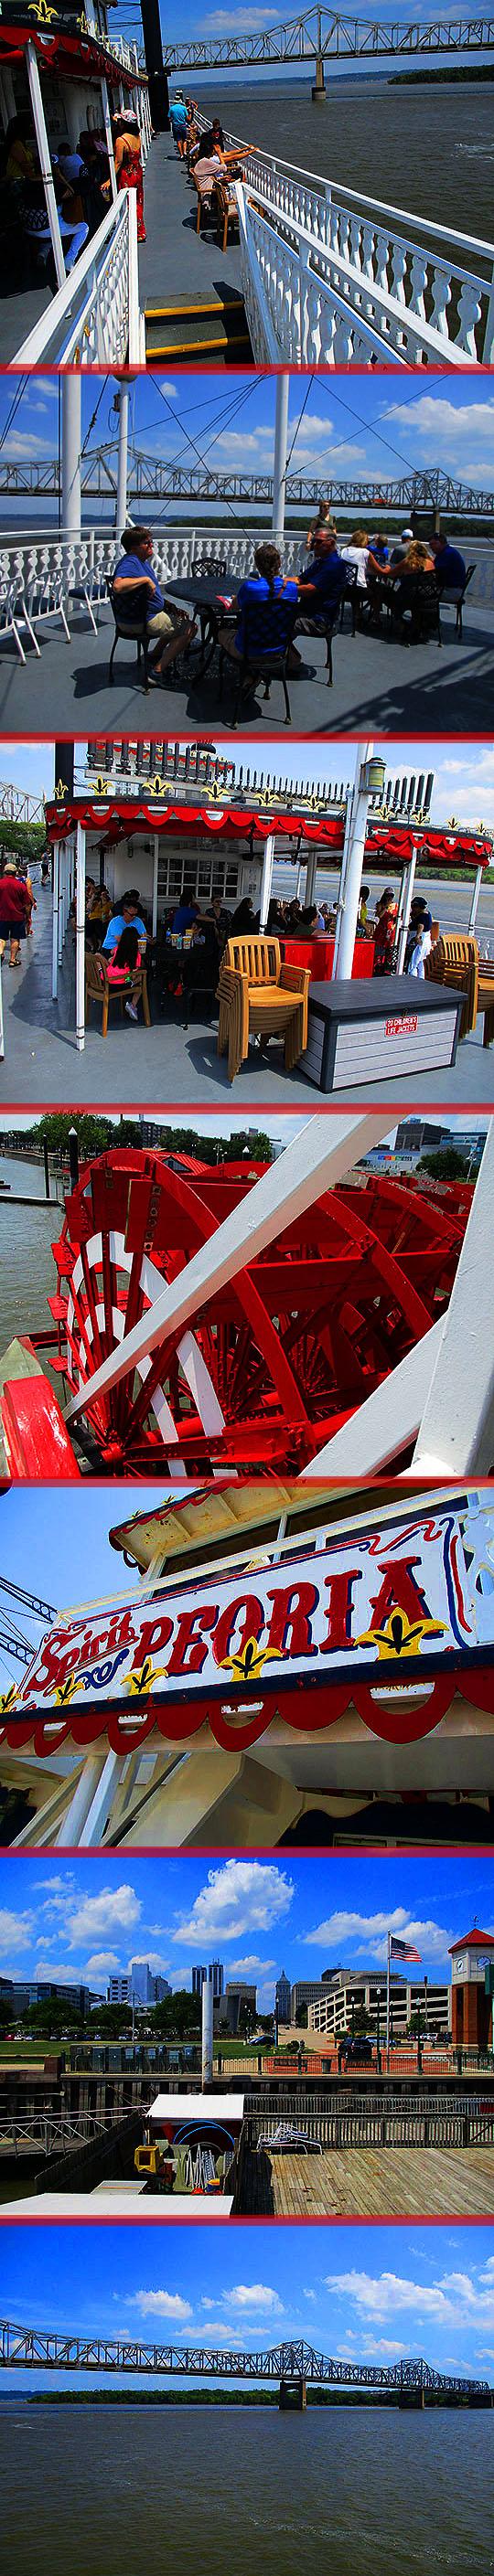 4. aroundtheboat_7--31-19.jpg